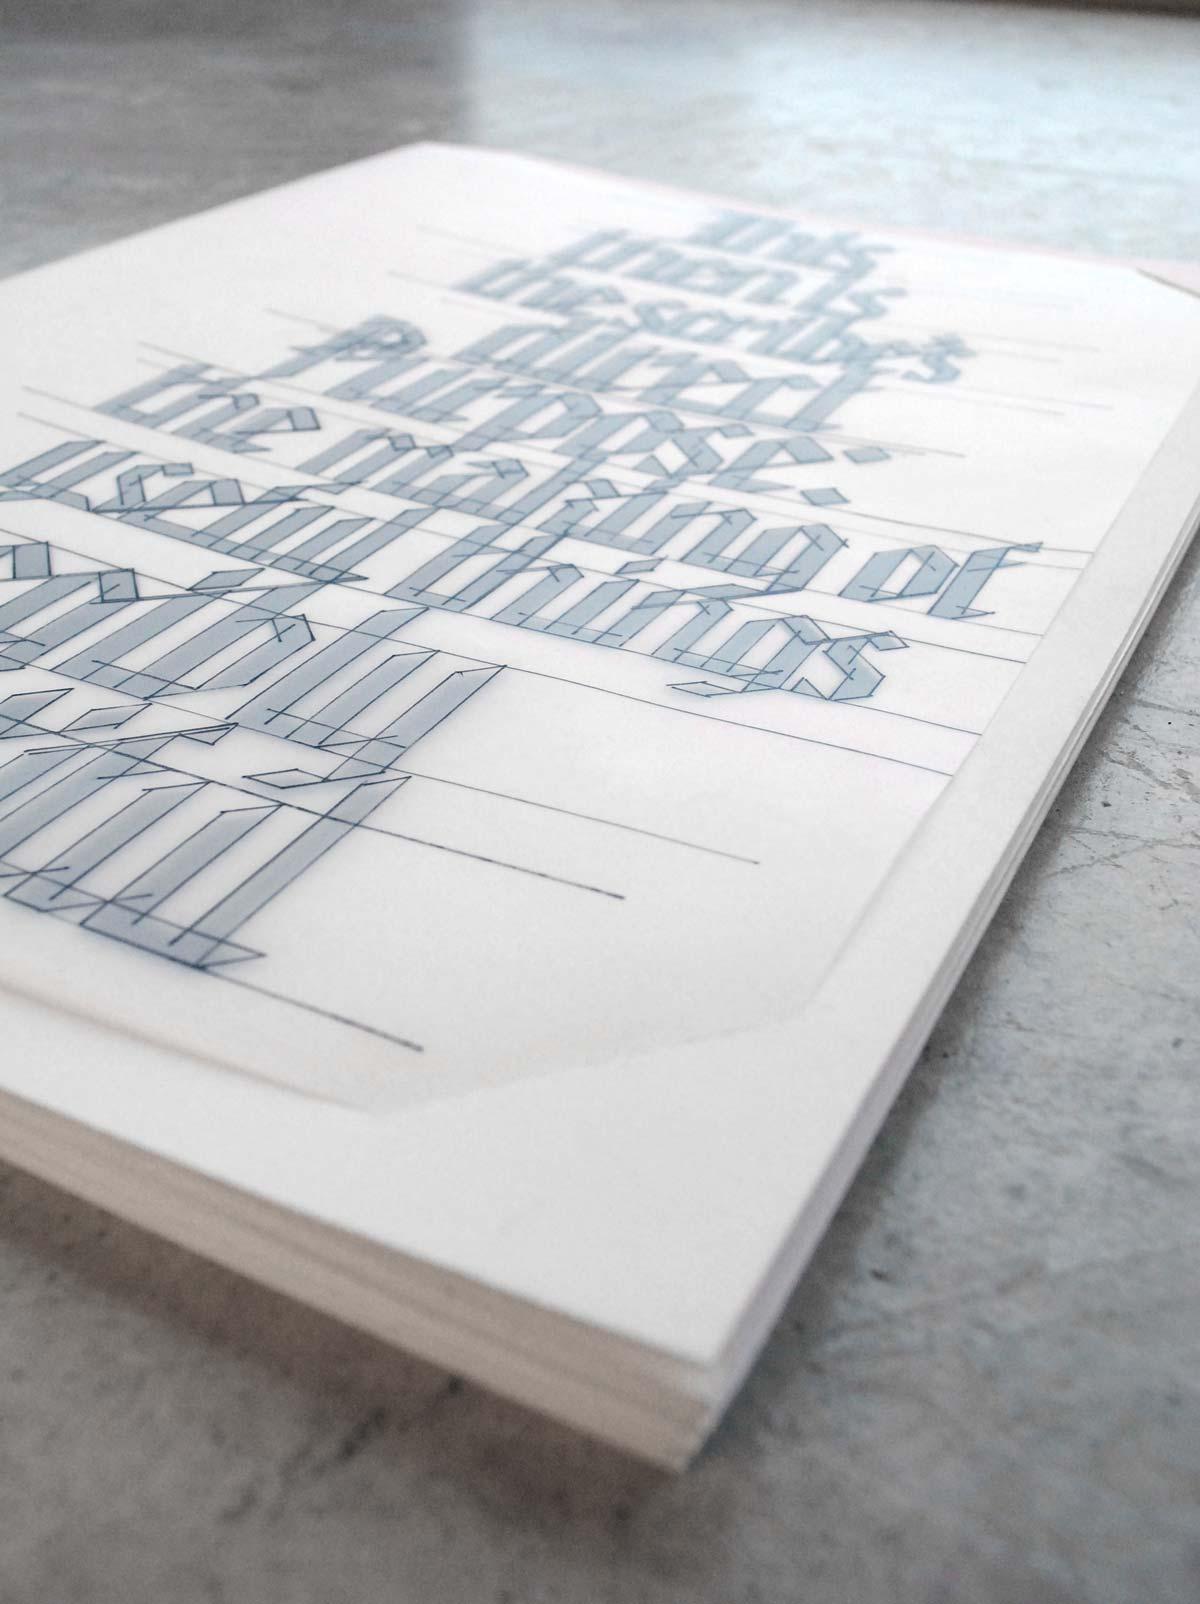 danielle-will-design-handlettering-edward-johnston11.jpg